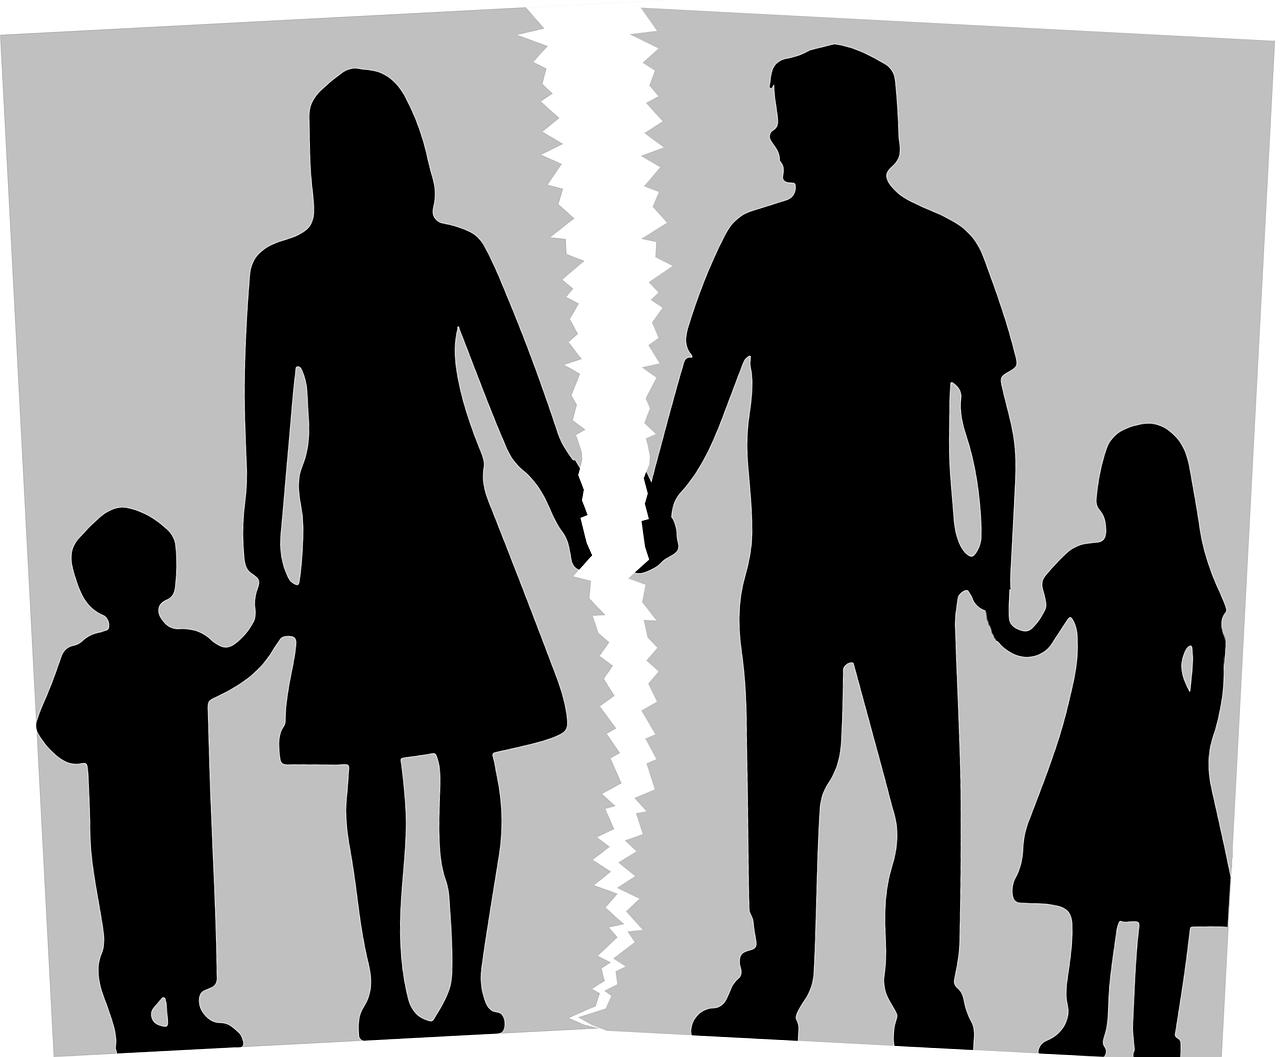 離婚で変わる【子供の生活】にまつわる悩みとアドバイスまとめ